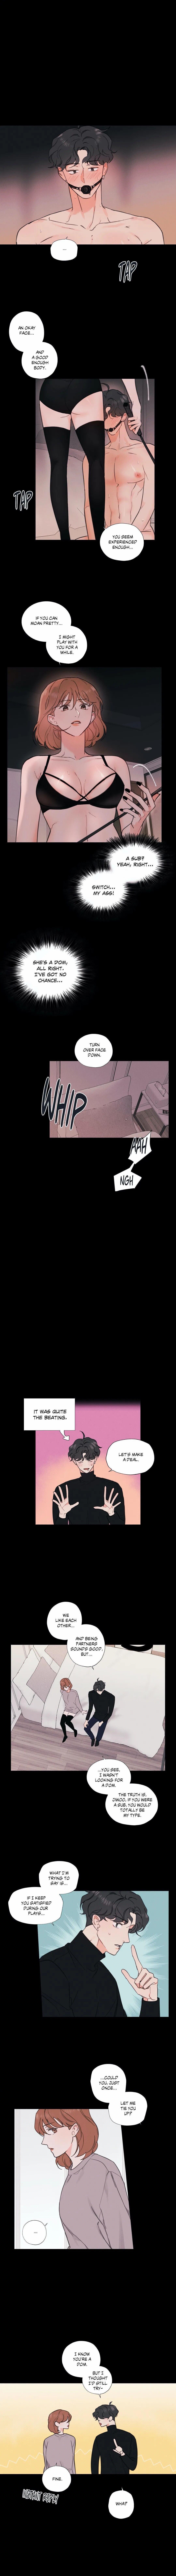 HARDCORE VANILLA Ch. 1-10 36